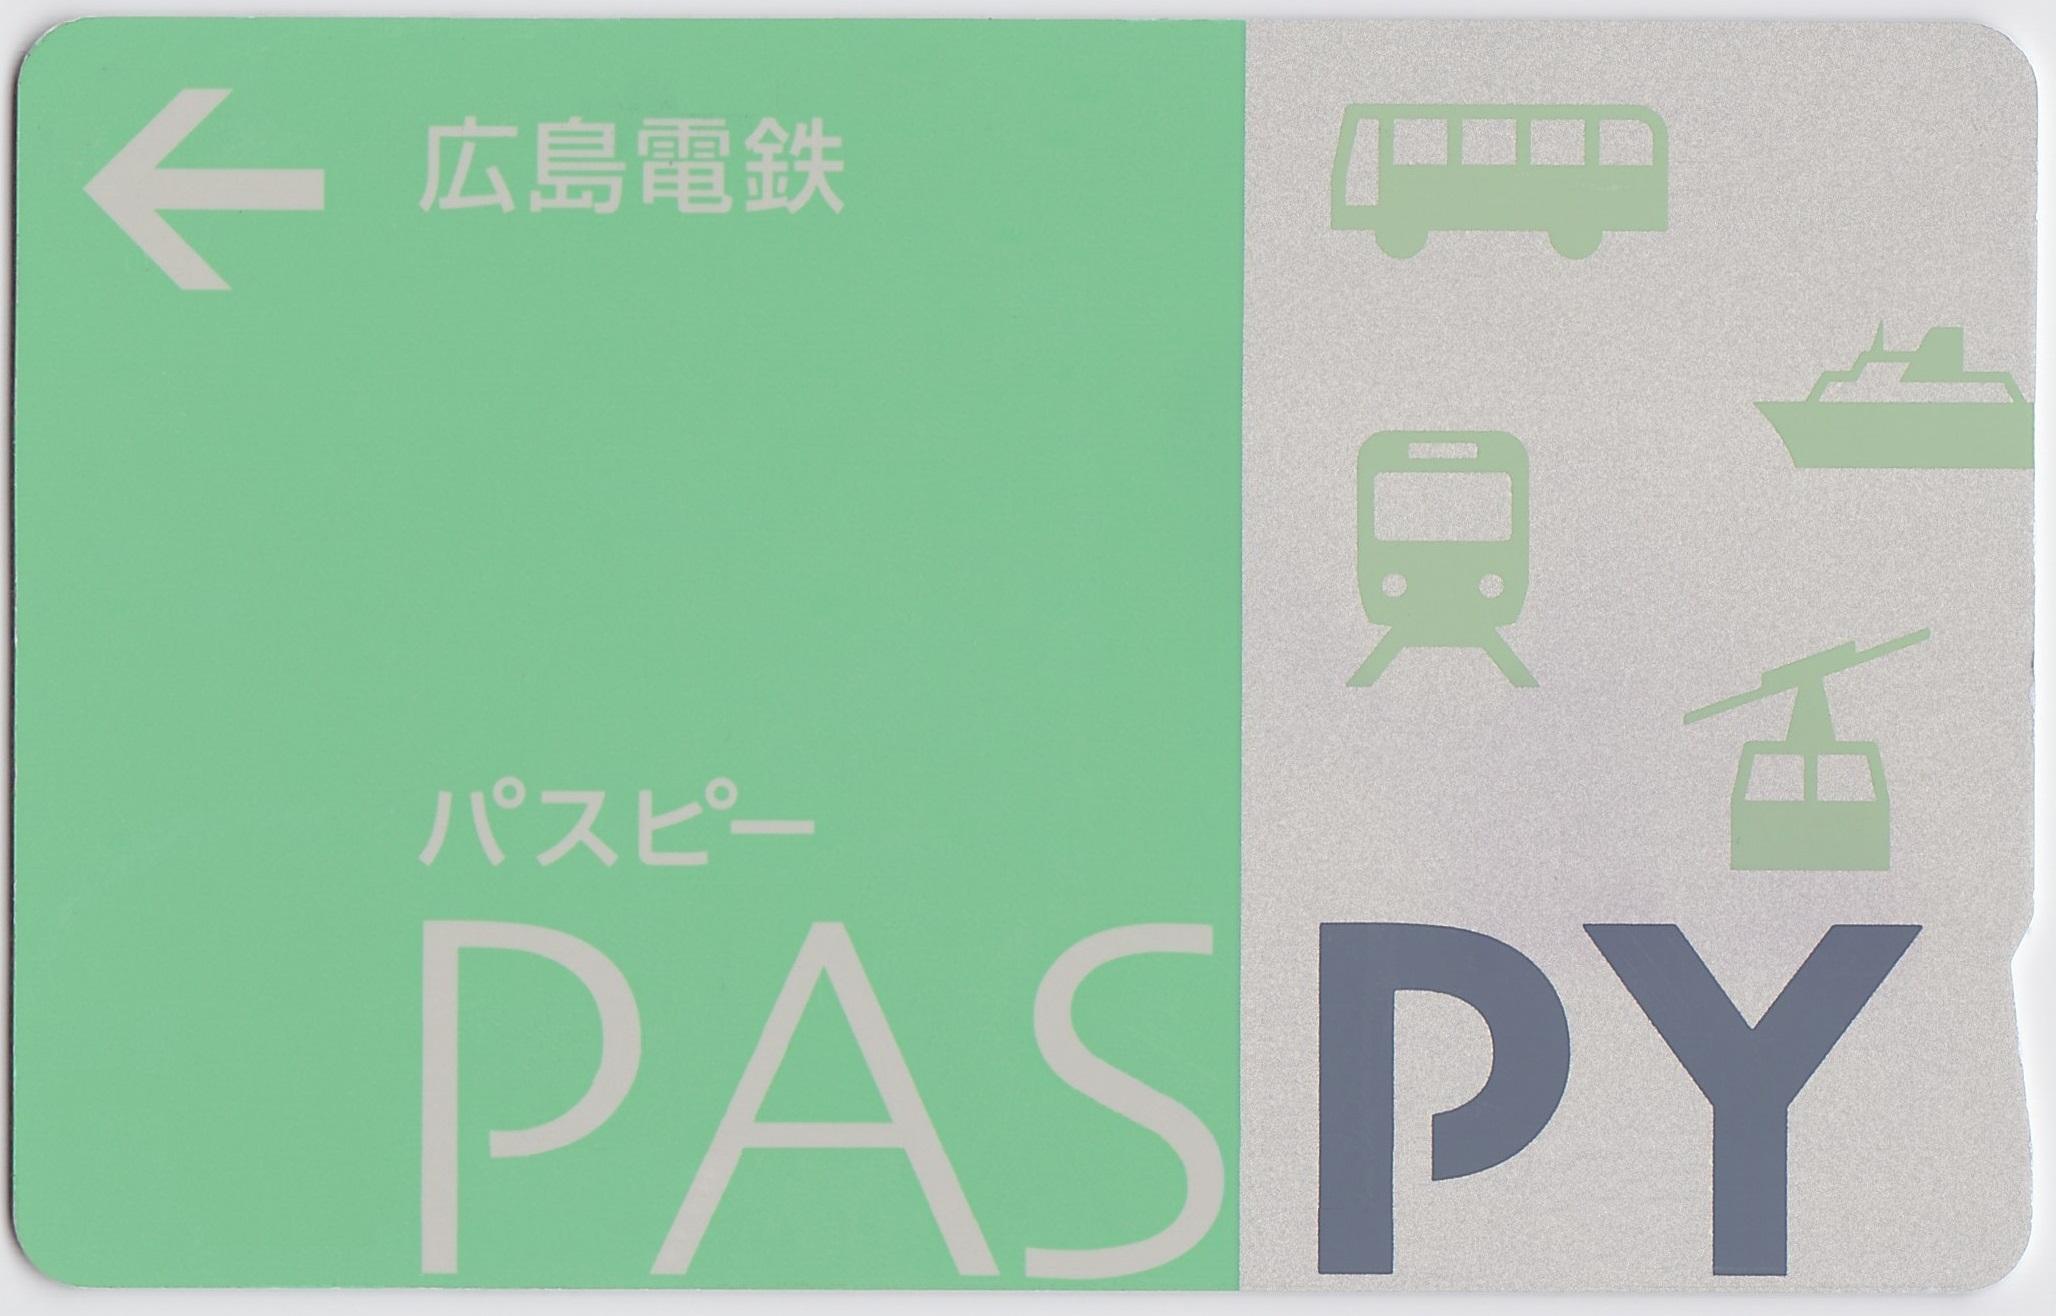 PASPY - Wikipedia